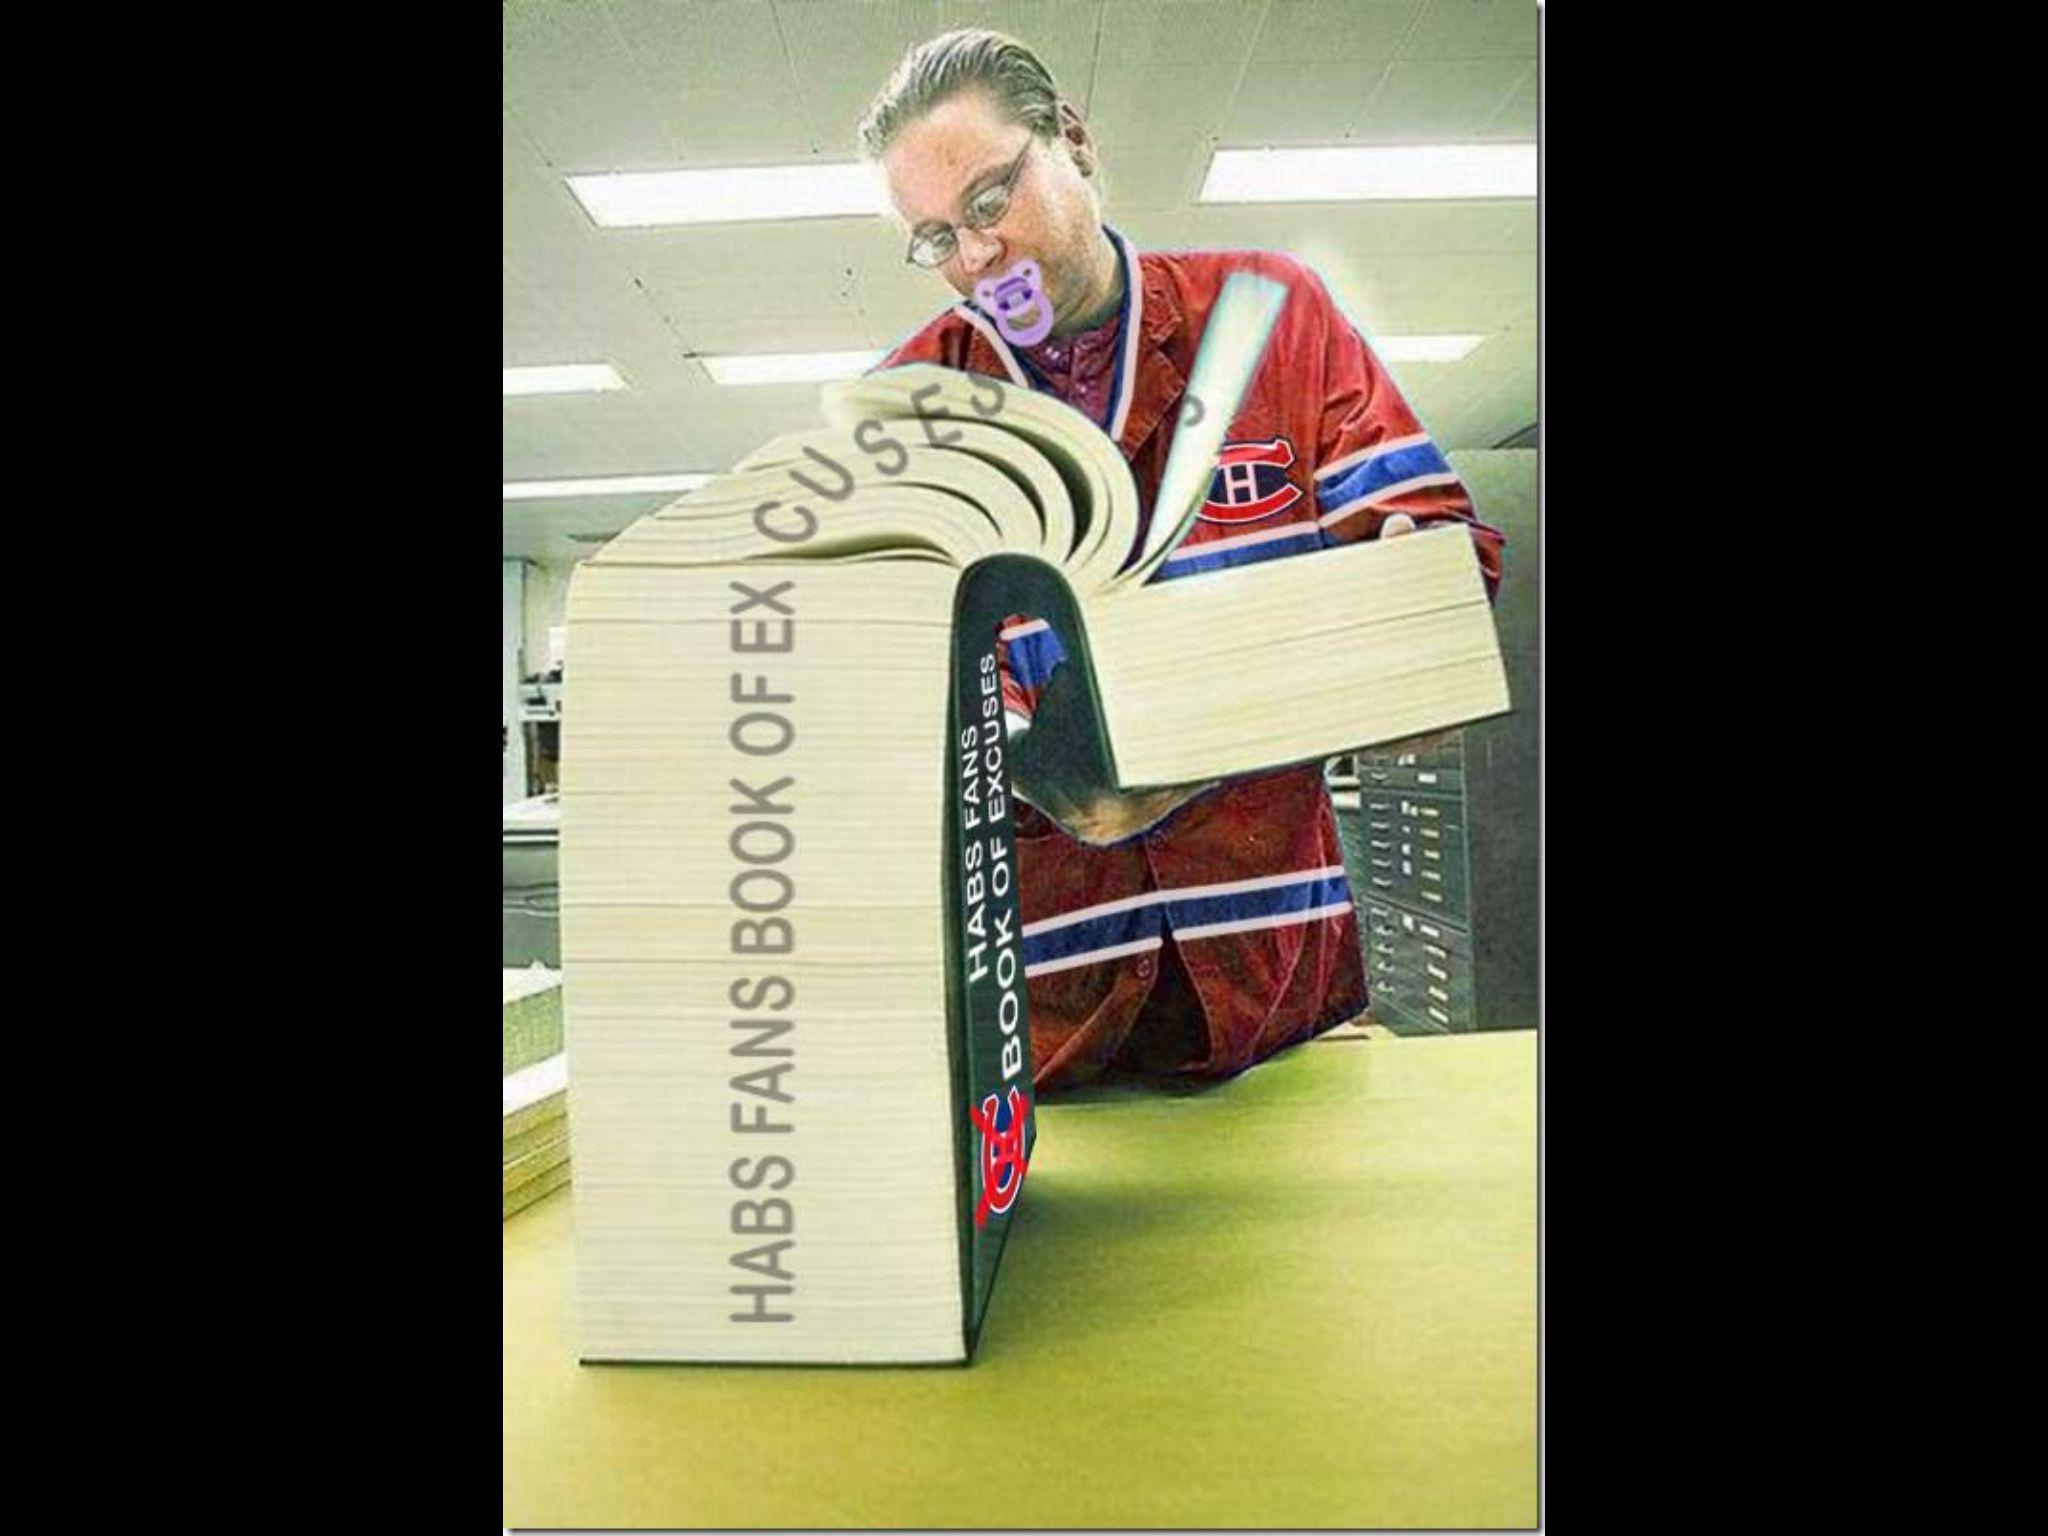 Habs Leafs Rivalry Fan book, Toronto maple leafs, Rivalry